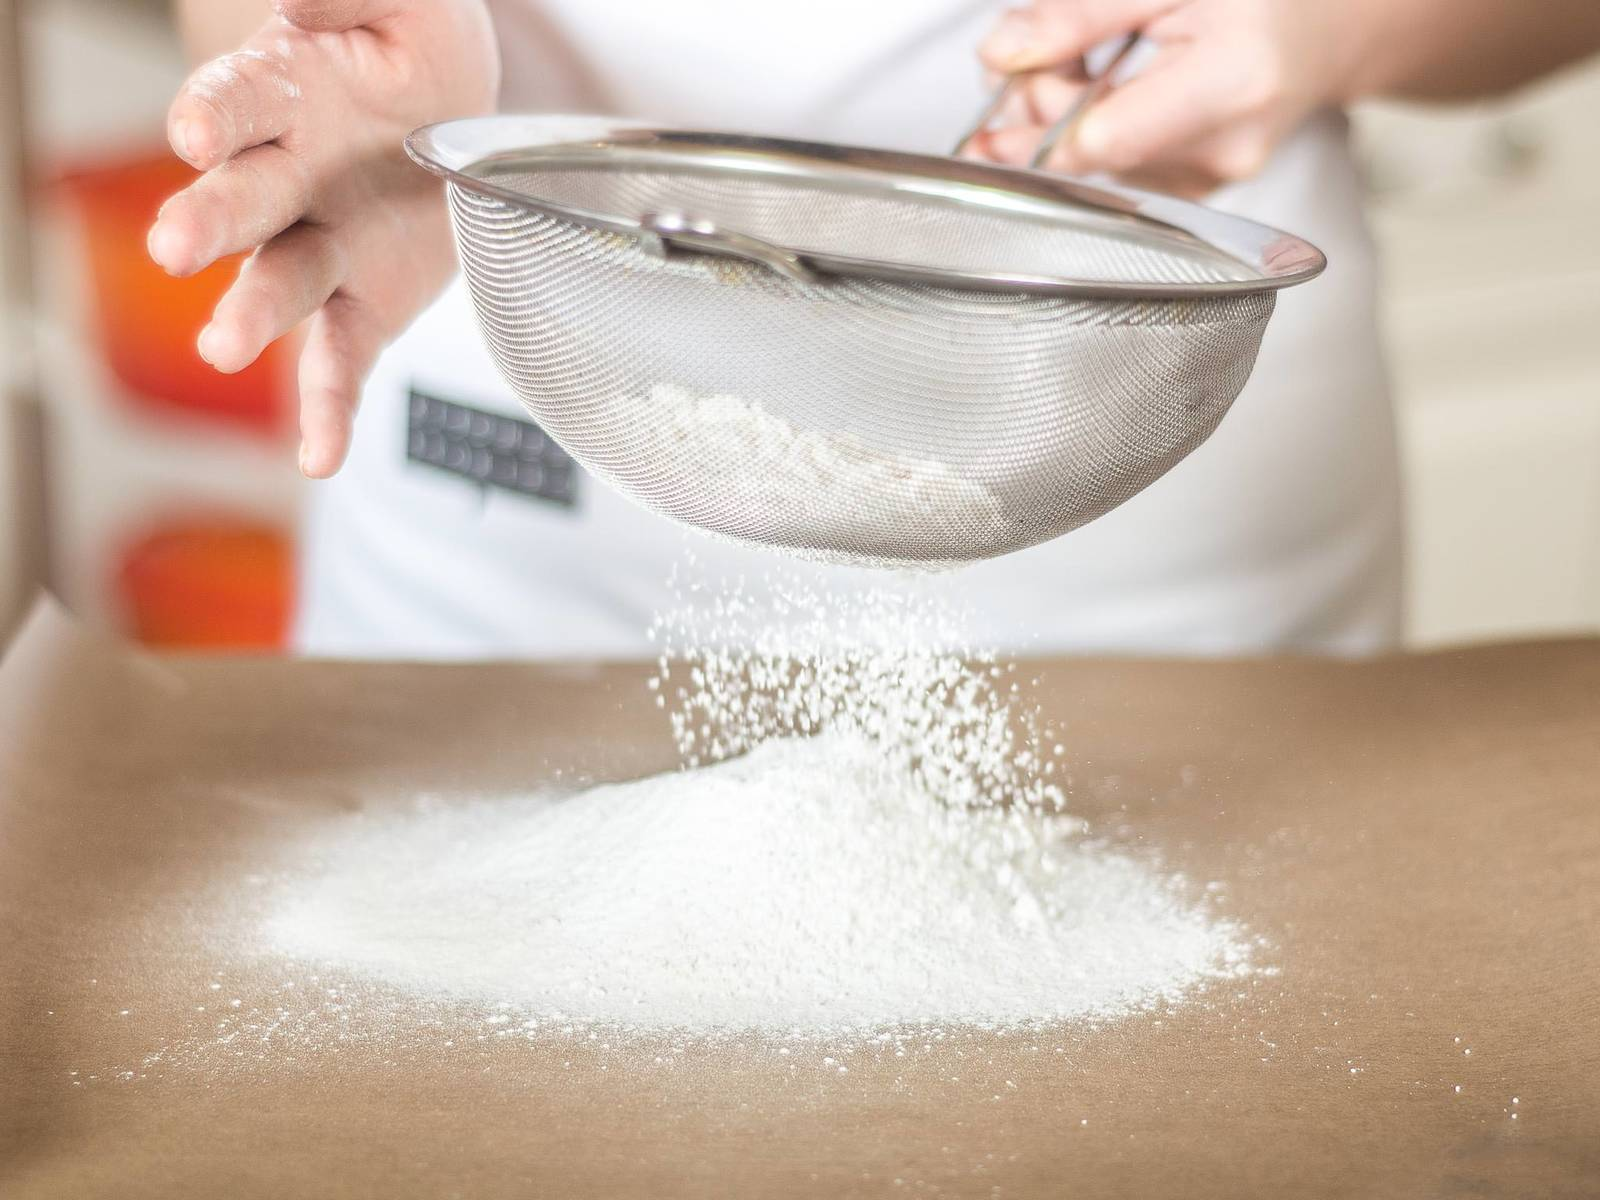 将面粉、玉米淀粉和泡打粉过筛。